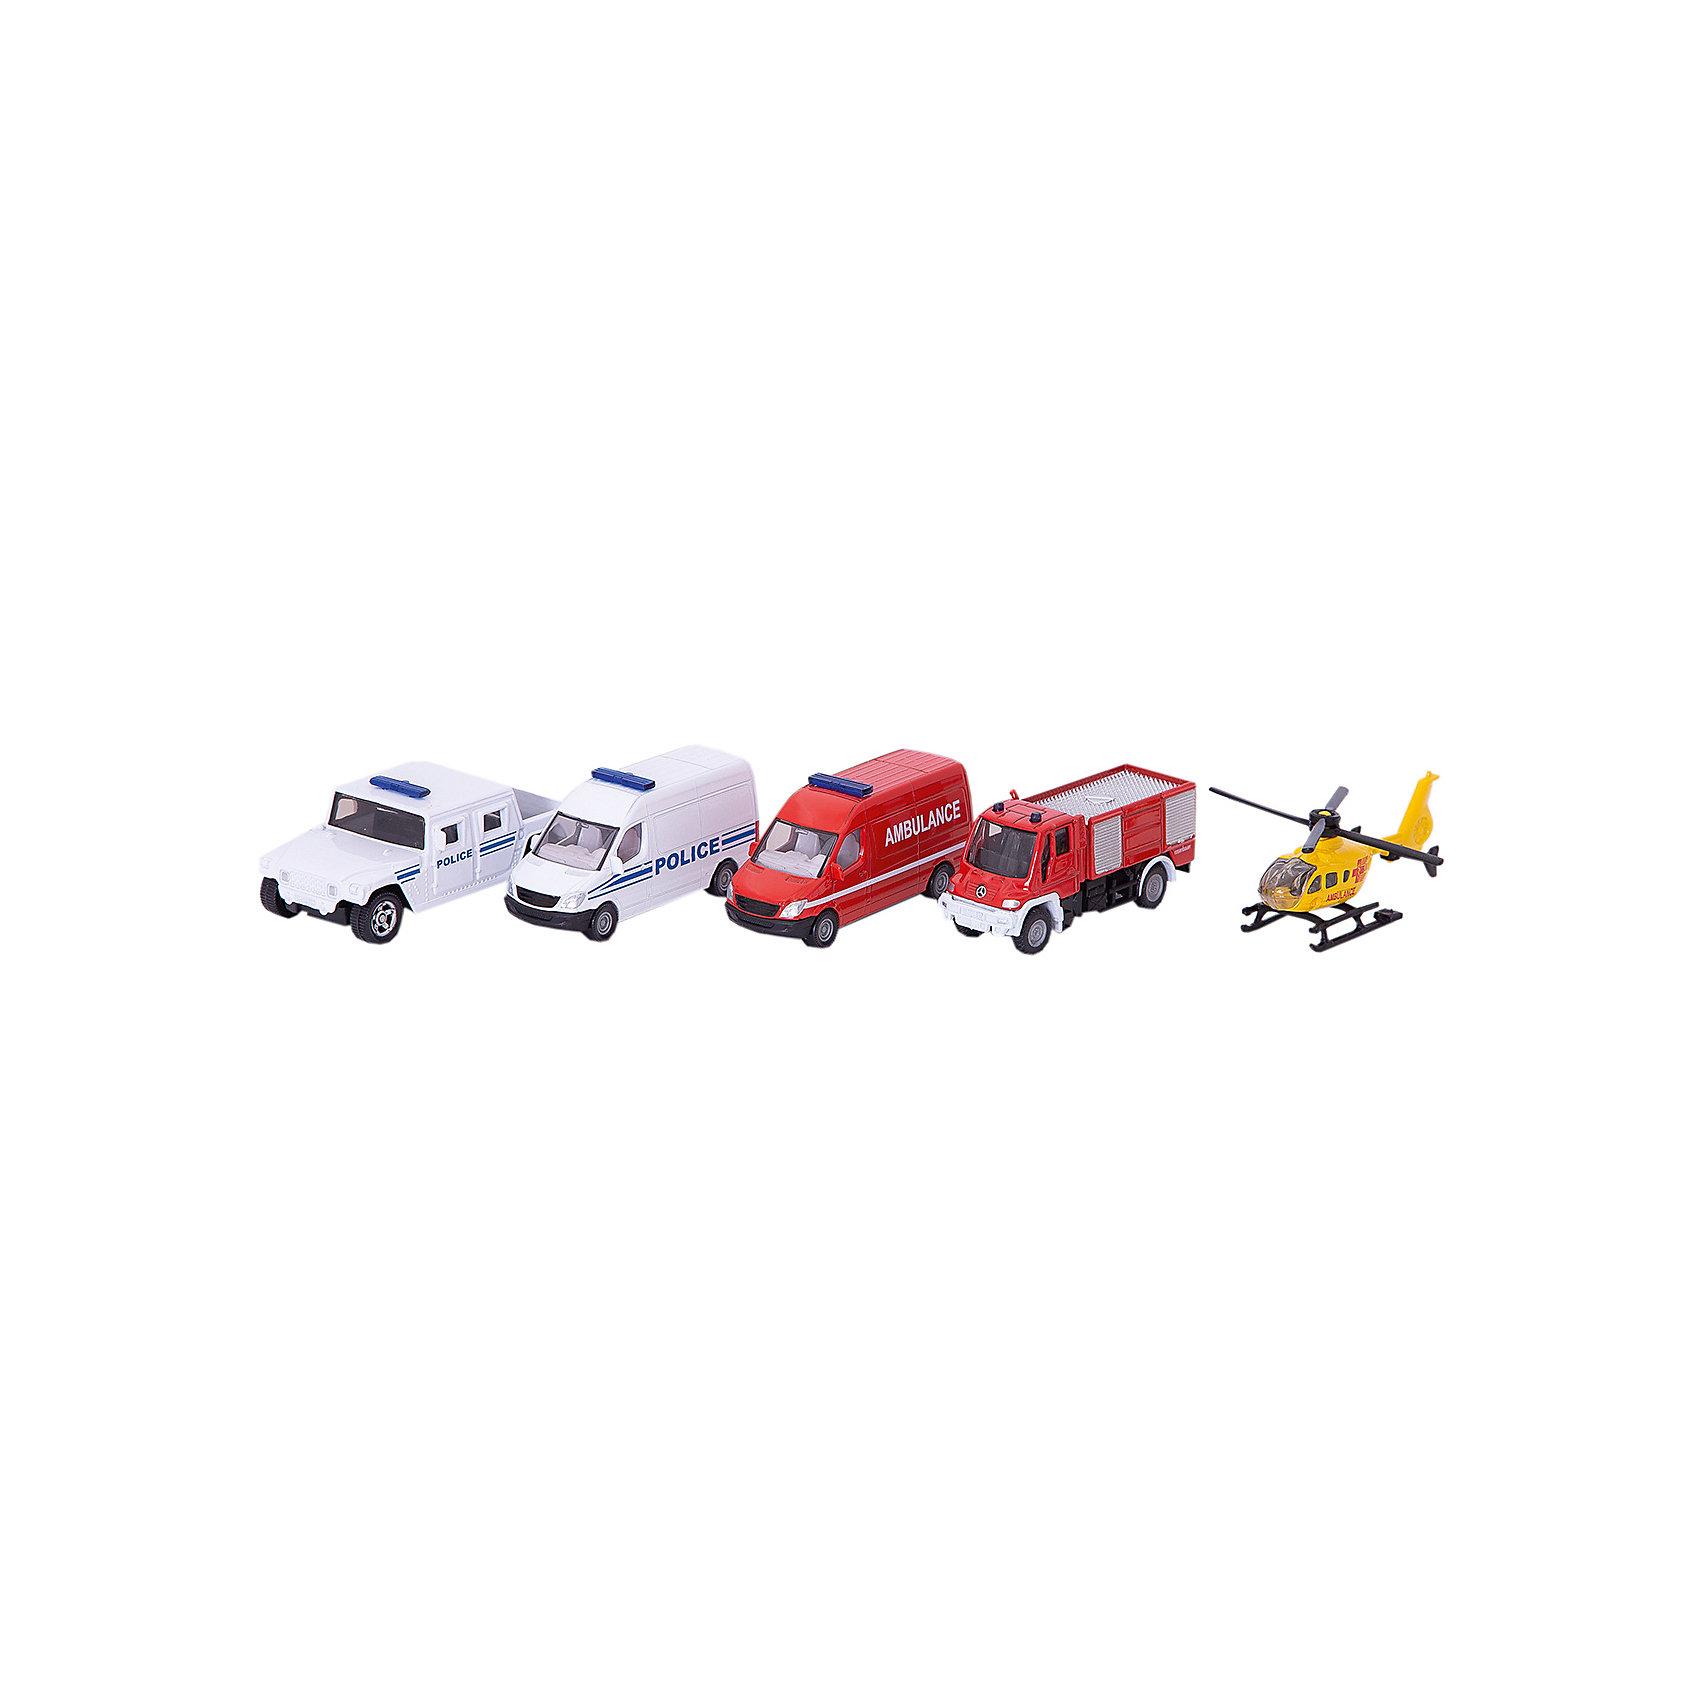 Набор «Спасательная техника», SIKUКоллекционные модели<br>С набором «Спасательная техника», SIKU (СИКУ) можно поиграть в увлекательную игру со спасательной техникой.<br><br>В комплект входят: вертолет, пожарный фургон, полицейский фургон, фургон скорой помощи, грузовой автомобиль Unimog. <br><br>Дополнительная информация:<br>-Размер упаковки: 28х11х5 см<br>-Материал: металл, пластиковые элементы<br><br>Набор металлических моделей машинок-отличный подарок мальчику на любой праздник.<br><br>Набор «Спасательная техника», SIKU (СИКУ) можно купить в нашем магазине.<br><br>Ширина мм: 285<br>Глубина мм: 109<br>Высота мм: 53<br>Вес г: 303<br>Возраст от месяцев: 36<br>Возраст до месяцев: 96<br>Пол: Мужской<br>Возраст: Детский<br>SKU: 2514154